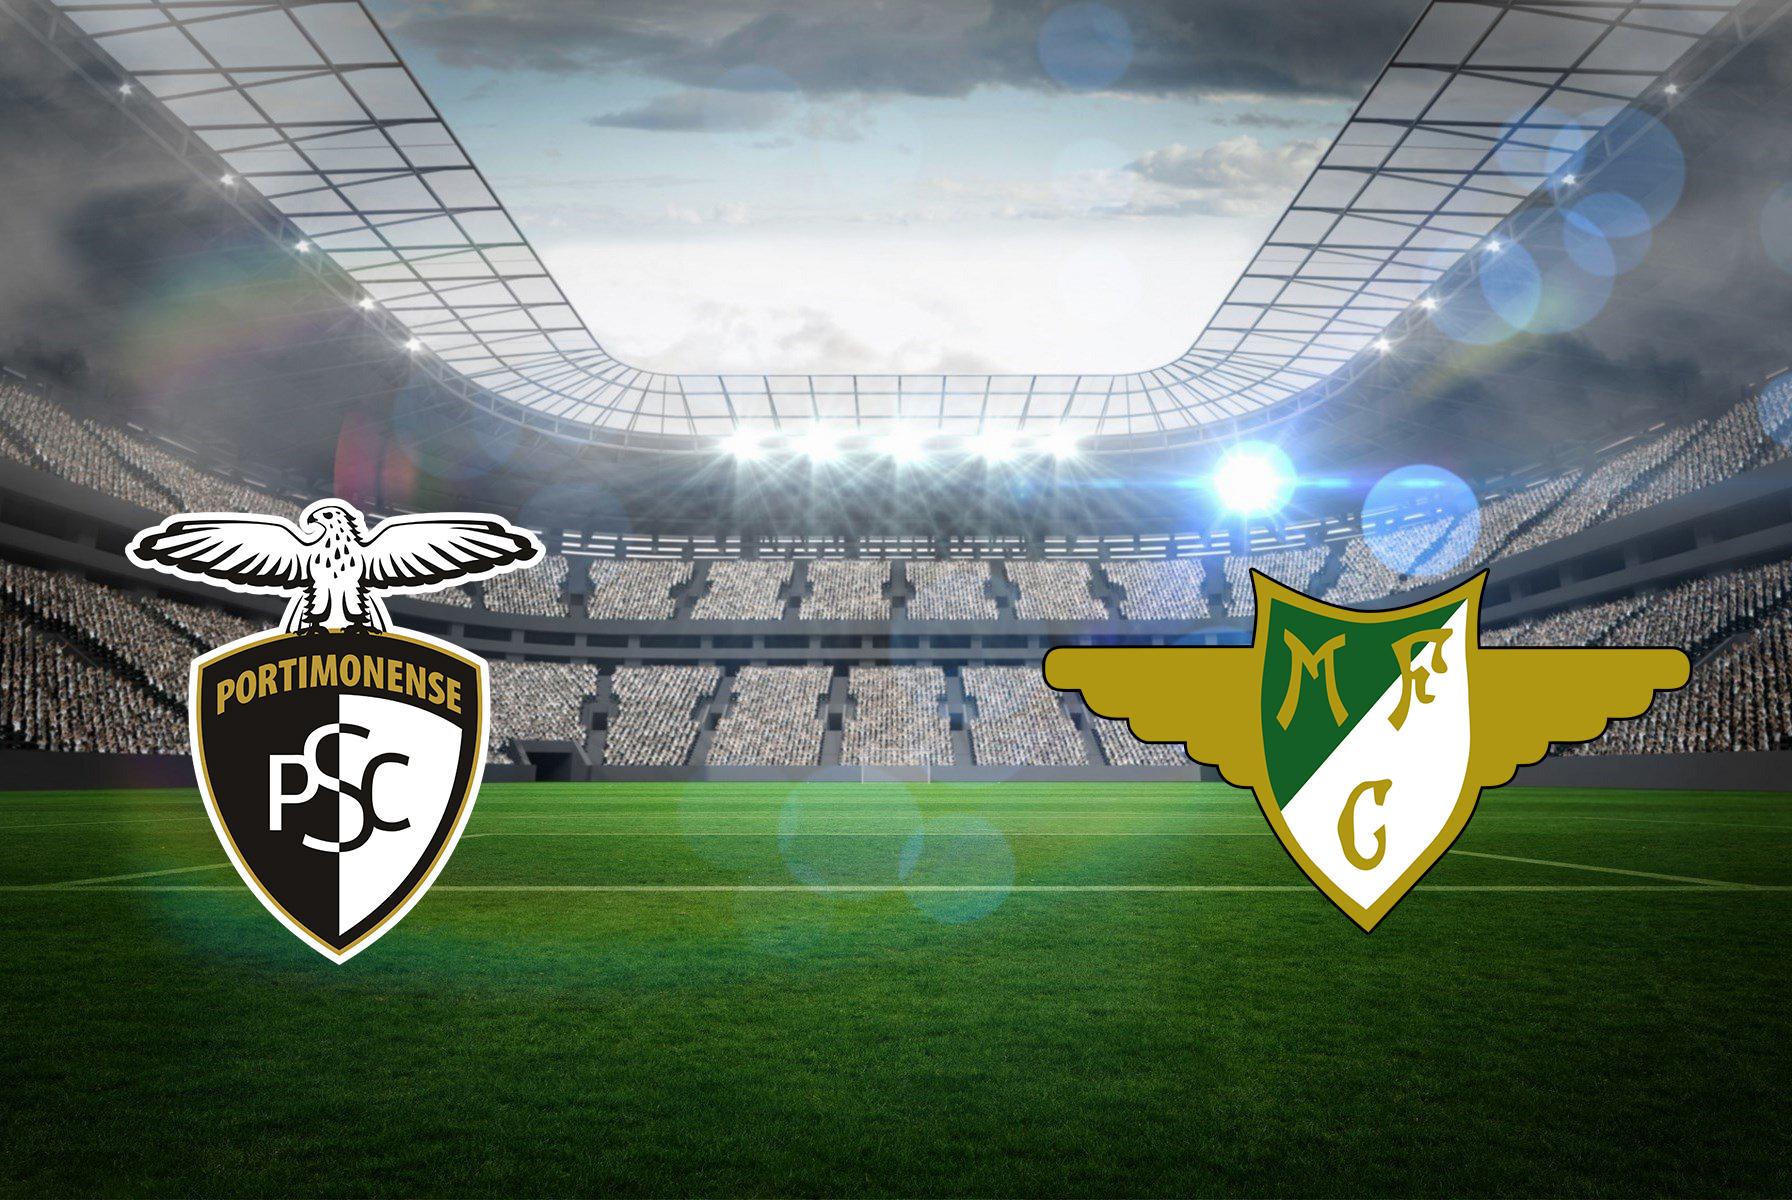 soi-keo-ca-cuoc-bong-da-ngay-9-2-Portimonense-vs-Moreirense-do-it-thang-do-nhieu-b9 1